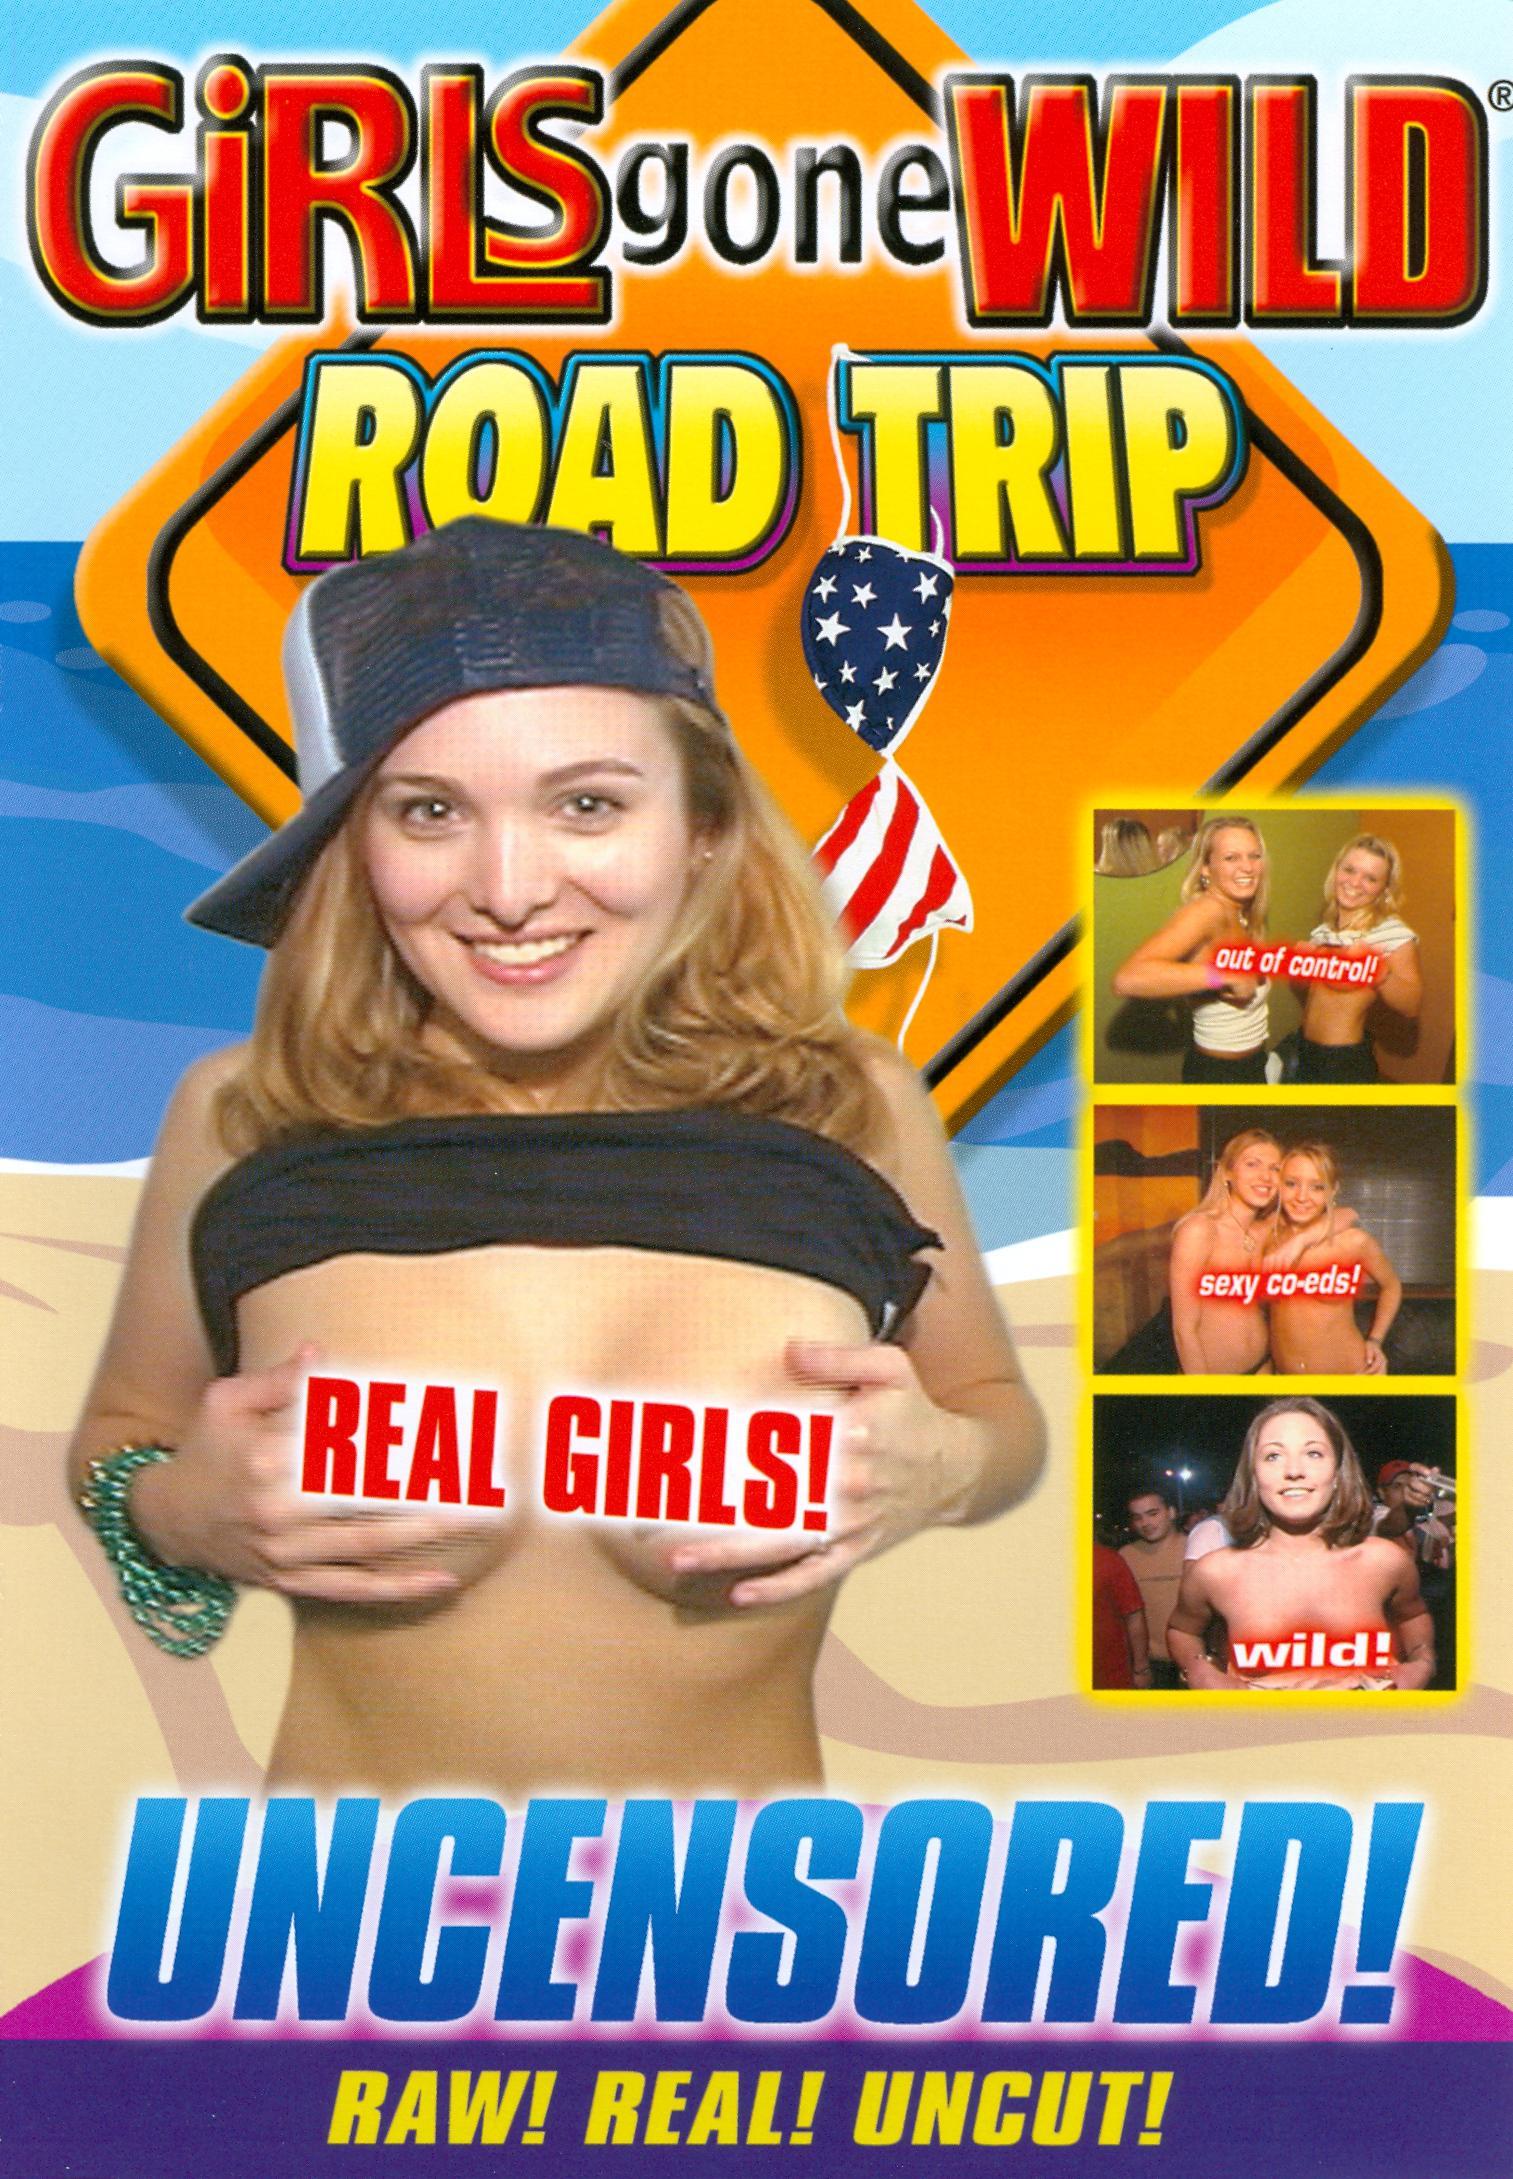 Girls Gone Wild: Wild Road Trip